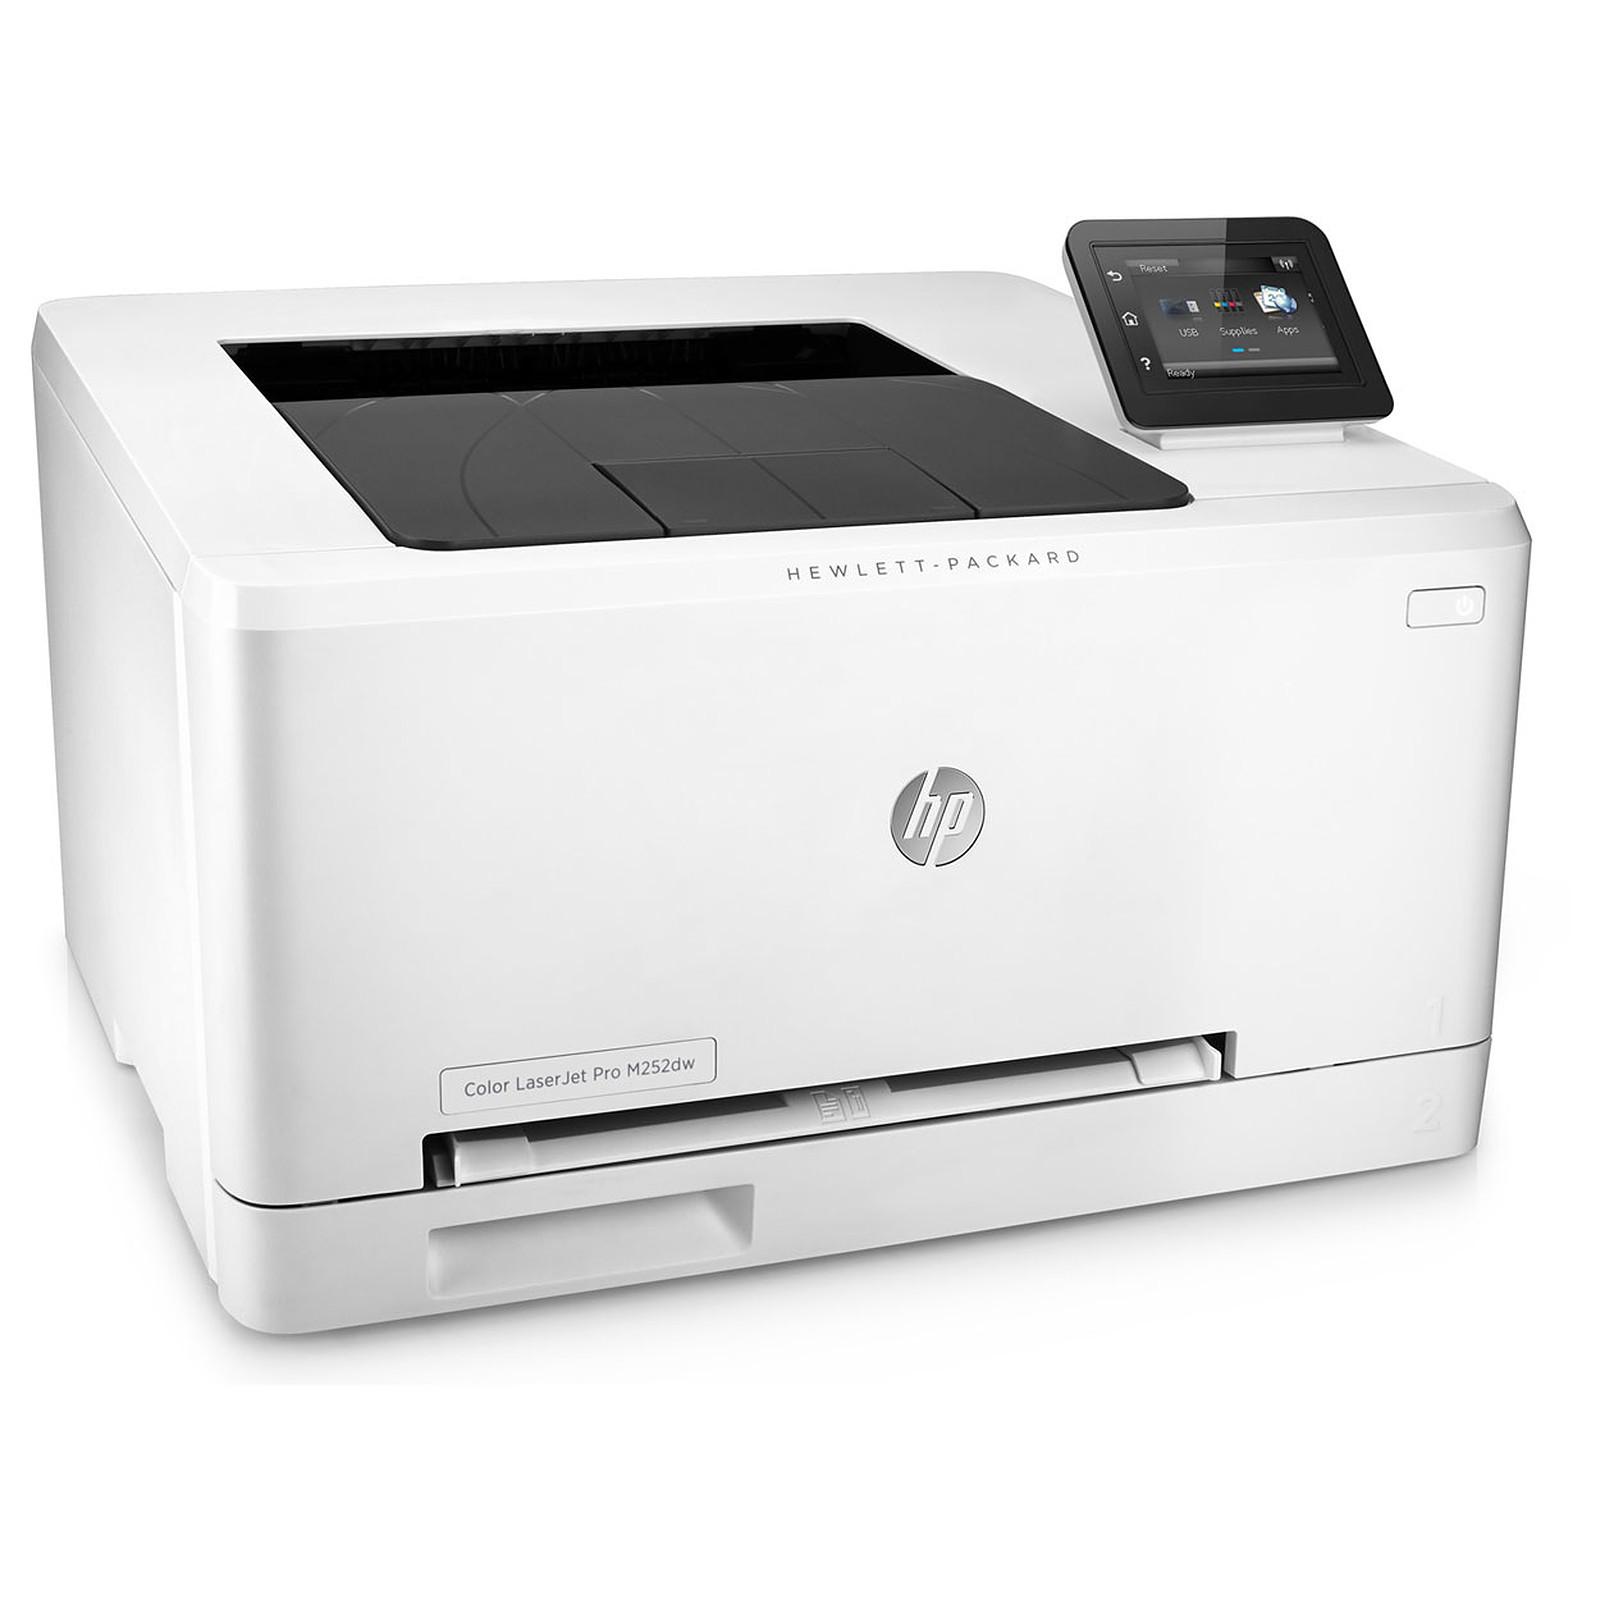 HP Color LaserJet Pro 200 M252dw (B4A22A)